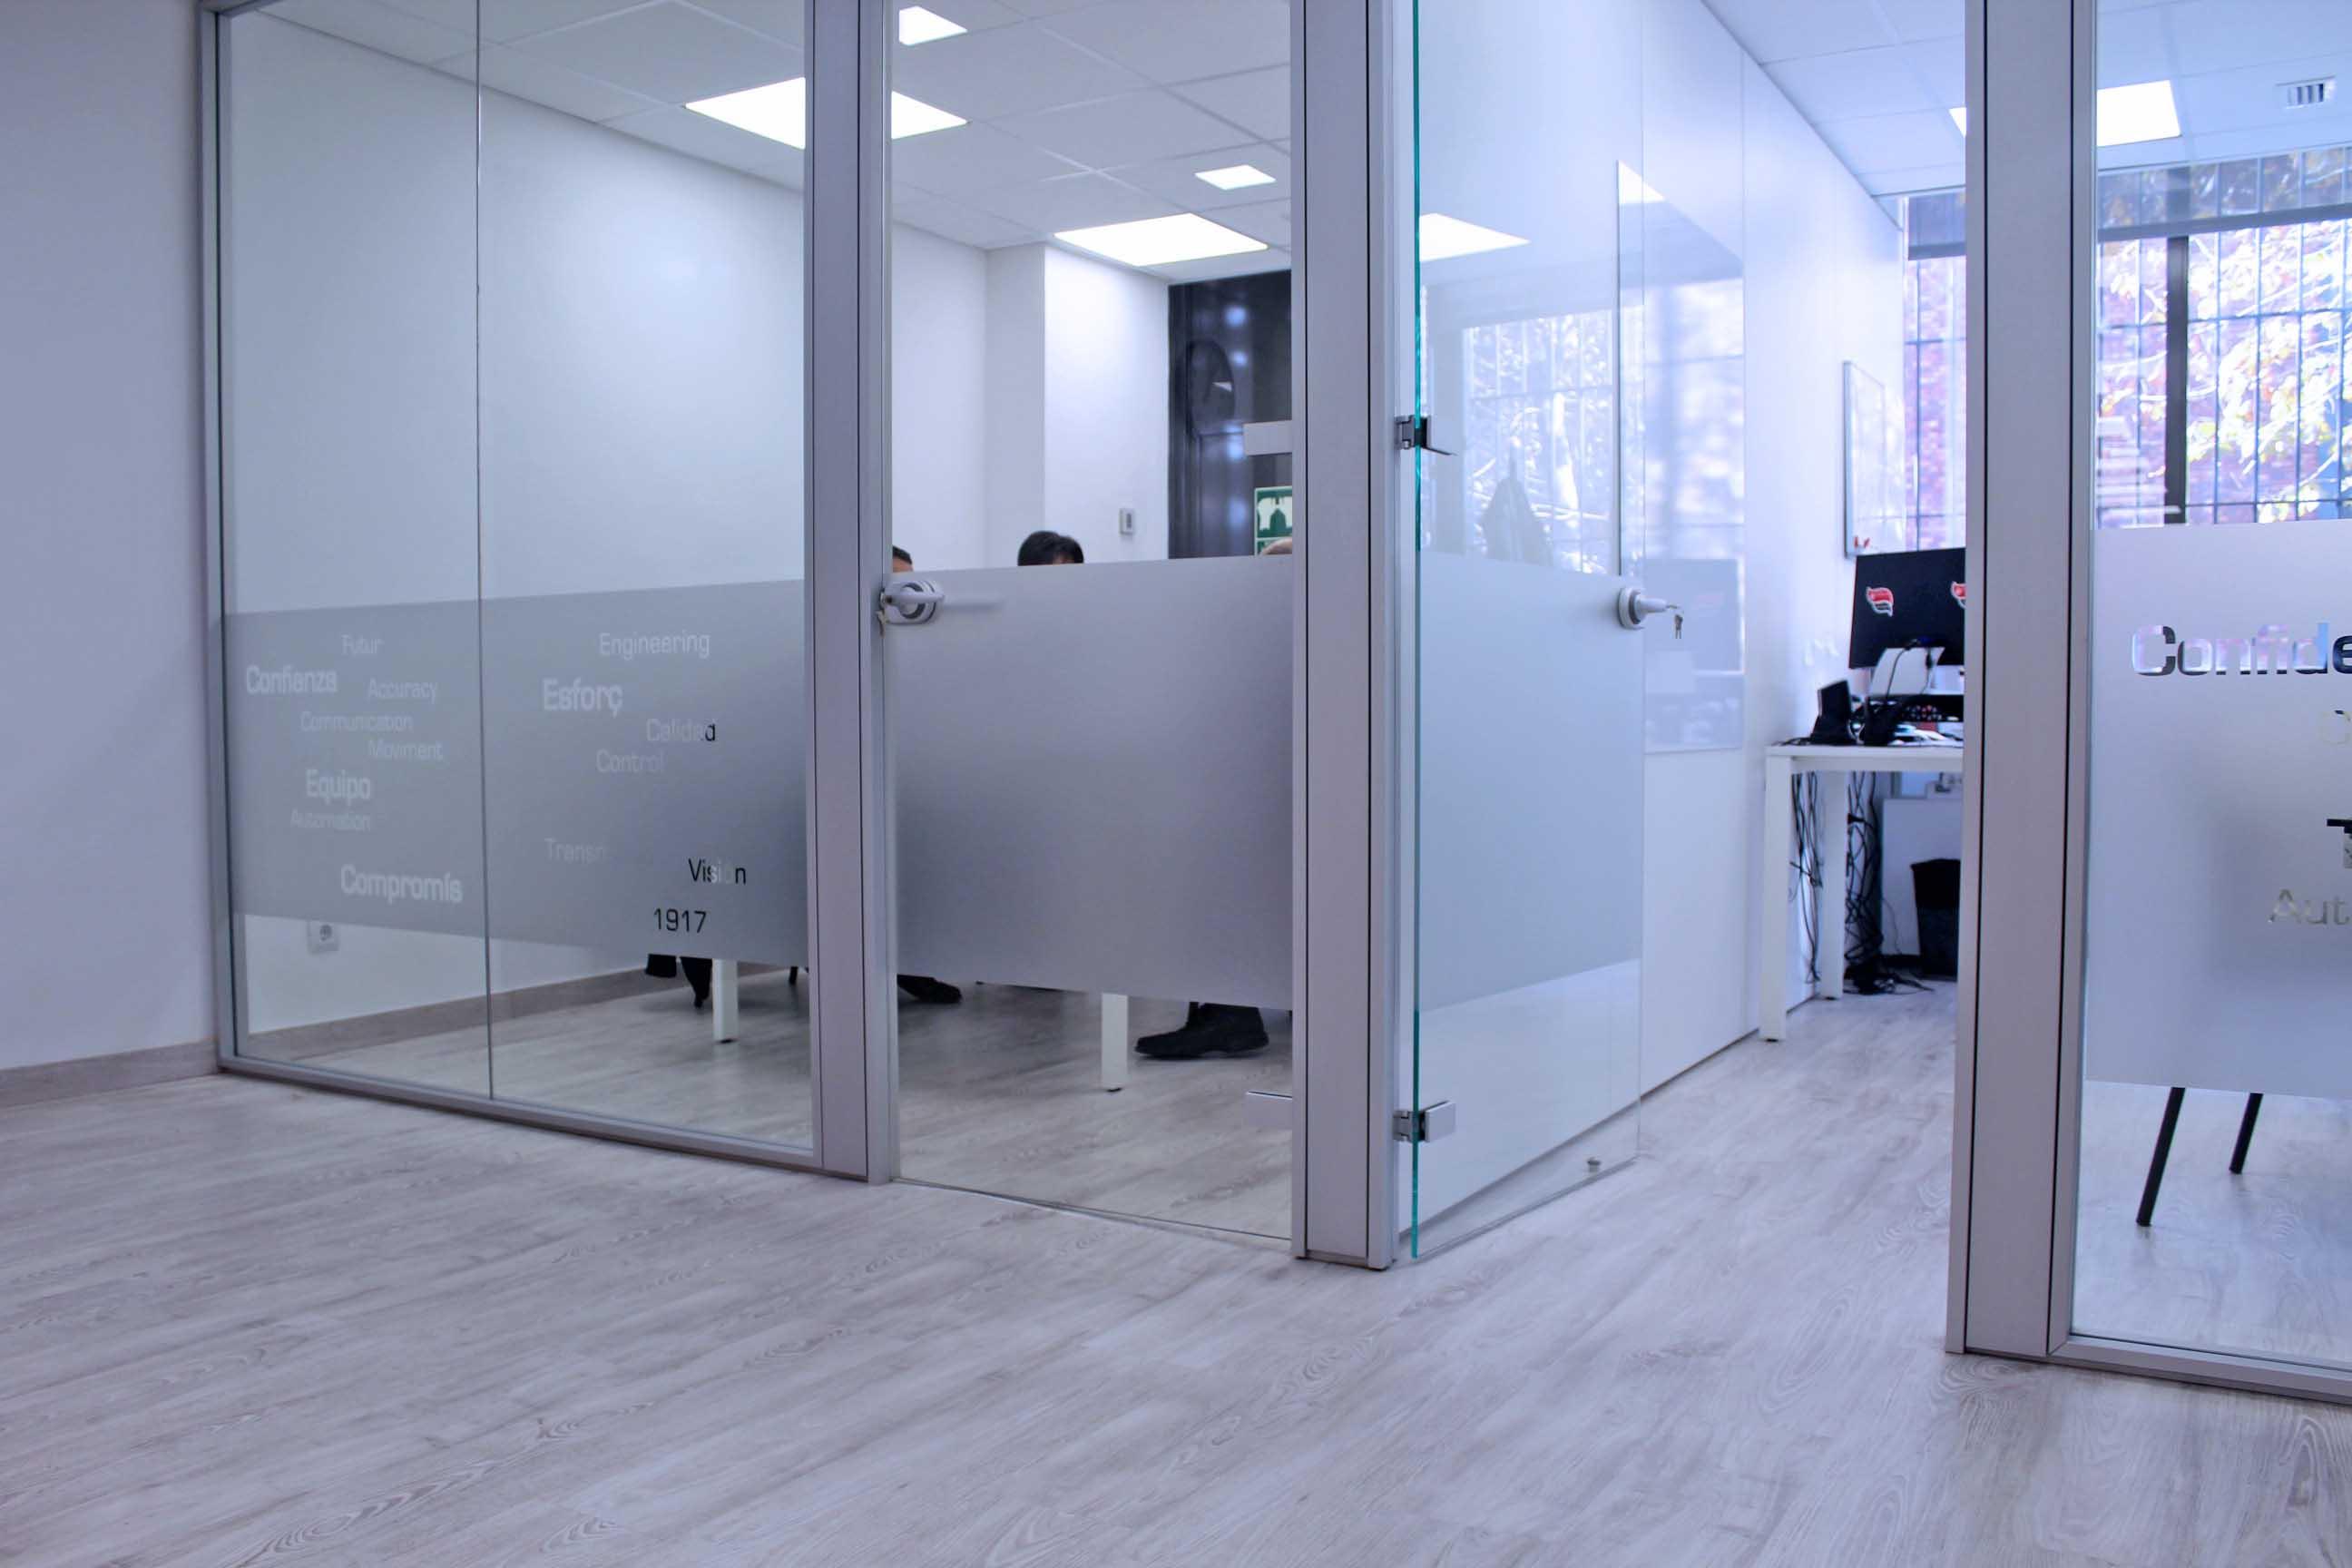 Personalizaci n de oficinas prodeca barcelona reformas for Banco pastor oficinas barcelona